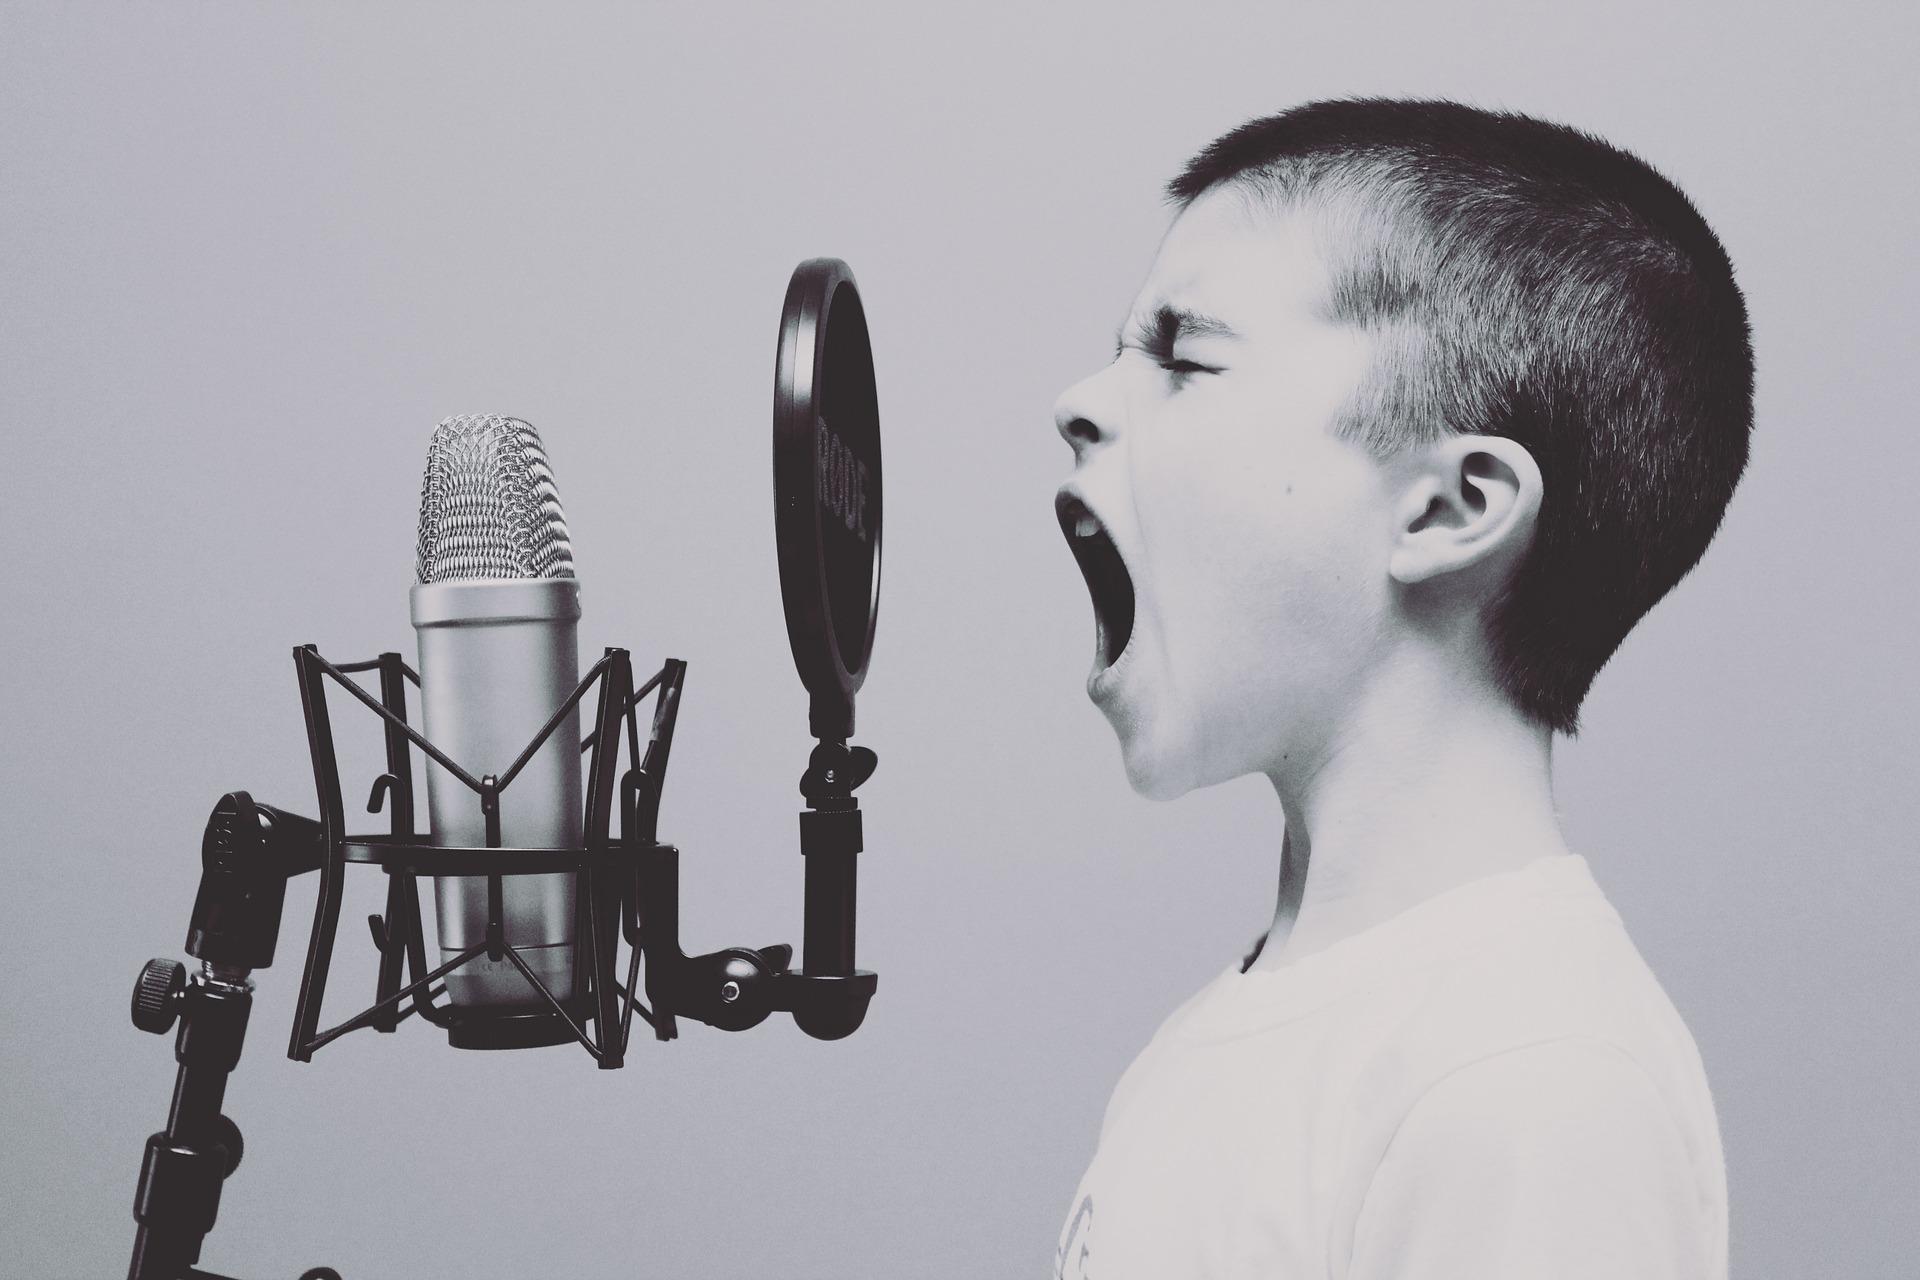 Un niño o niña grita delante de un micrófono